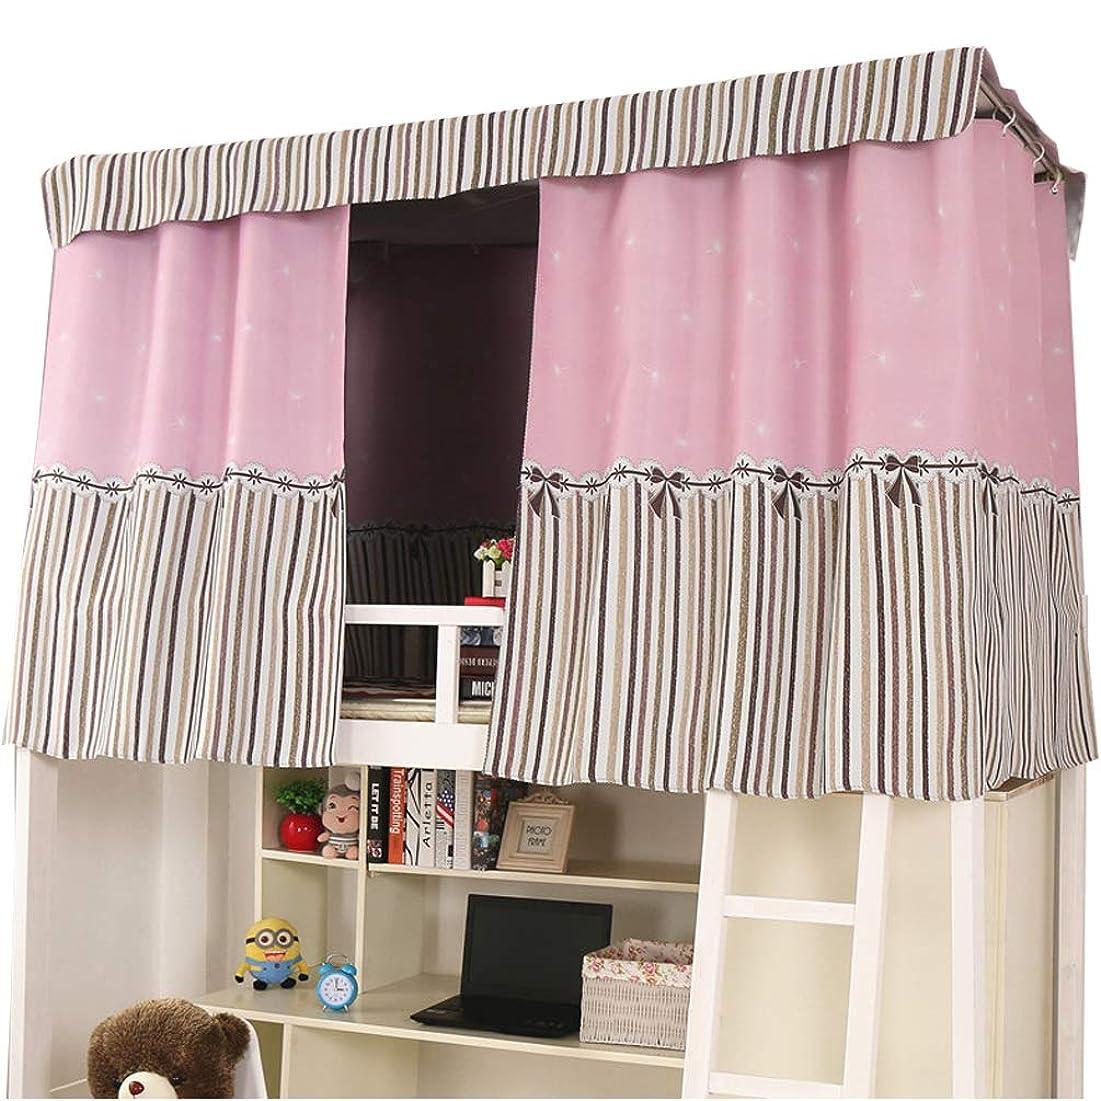 ヒゲクジラ中級登場間仕切りカーテン 目隠し 2段ベッド用 遮光カーテン 天蓋テント 学生寝室ベッド 上段下段用 (長2m高1.2m, ピンク)